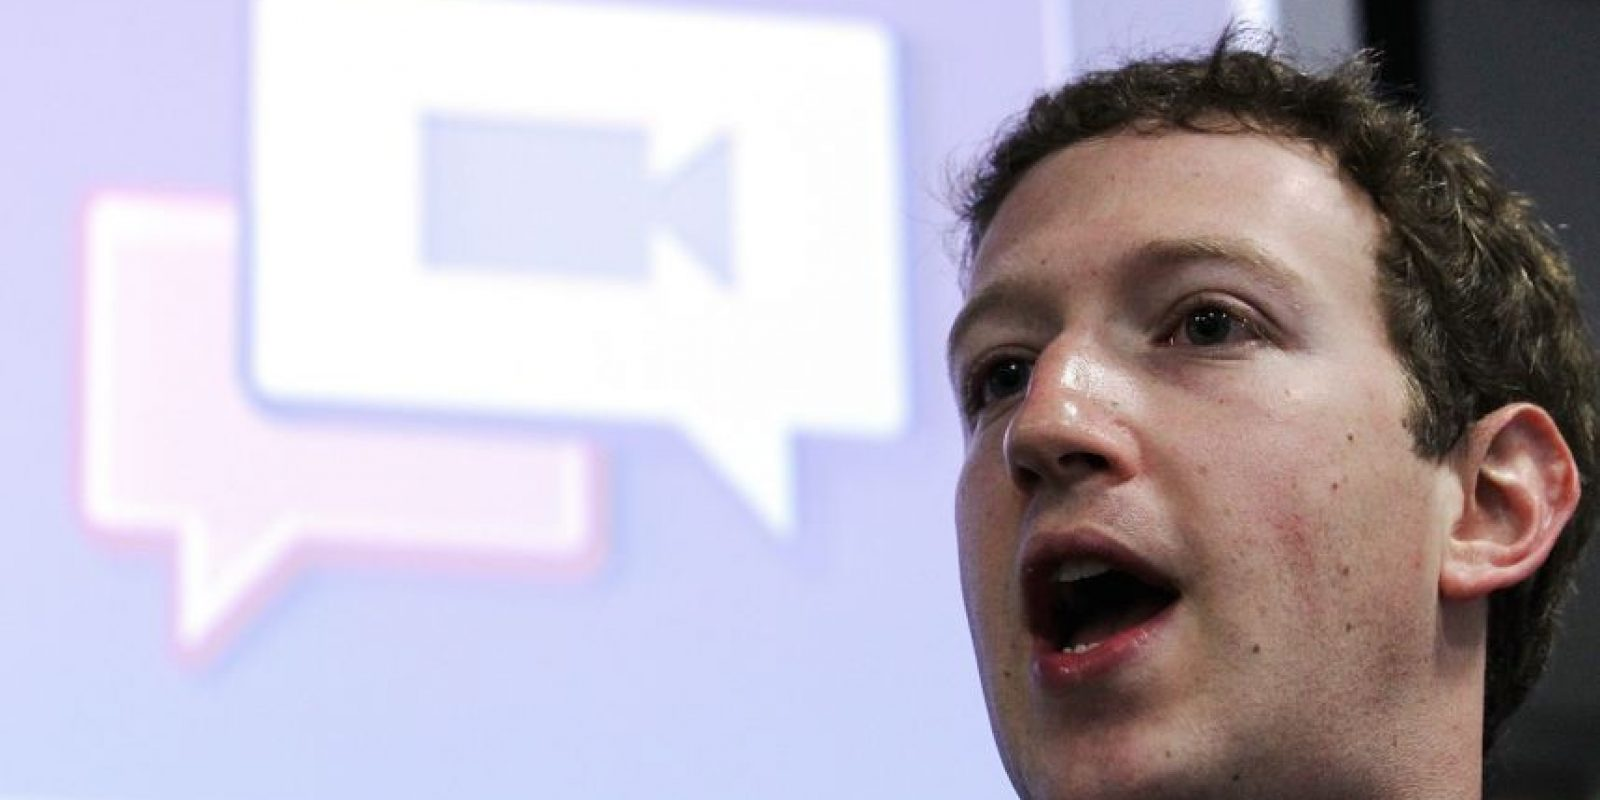 En 2001, Skype y Facebook se unieron para ofrecer videollamadas entre los usuarios de esta red social. Foto:Getty Images